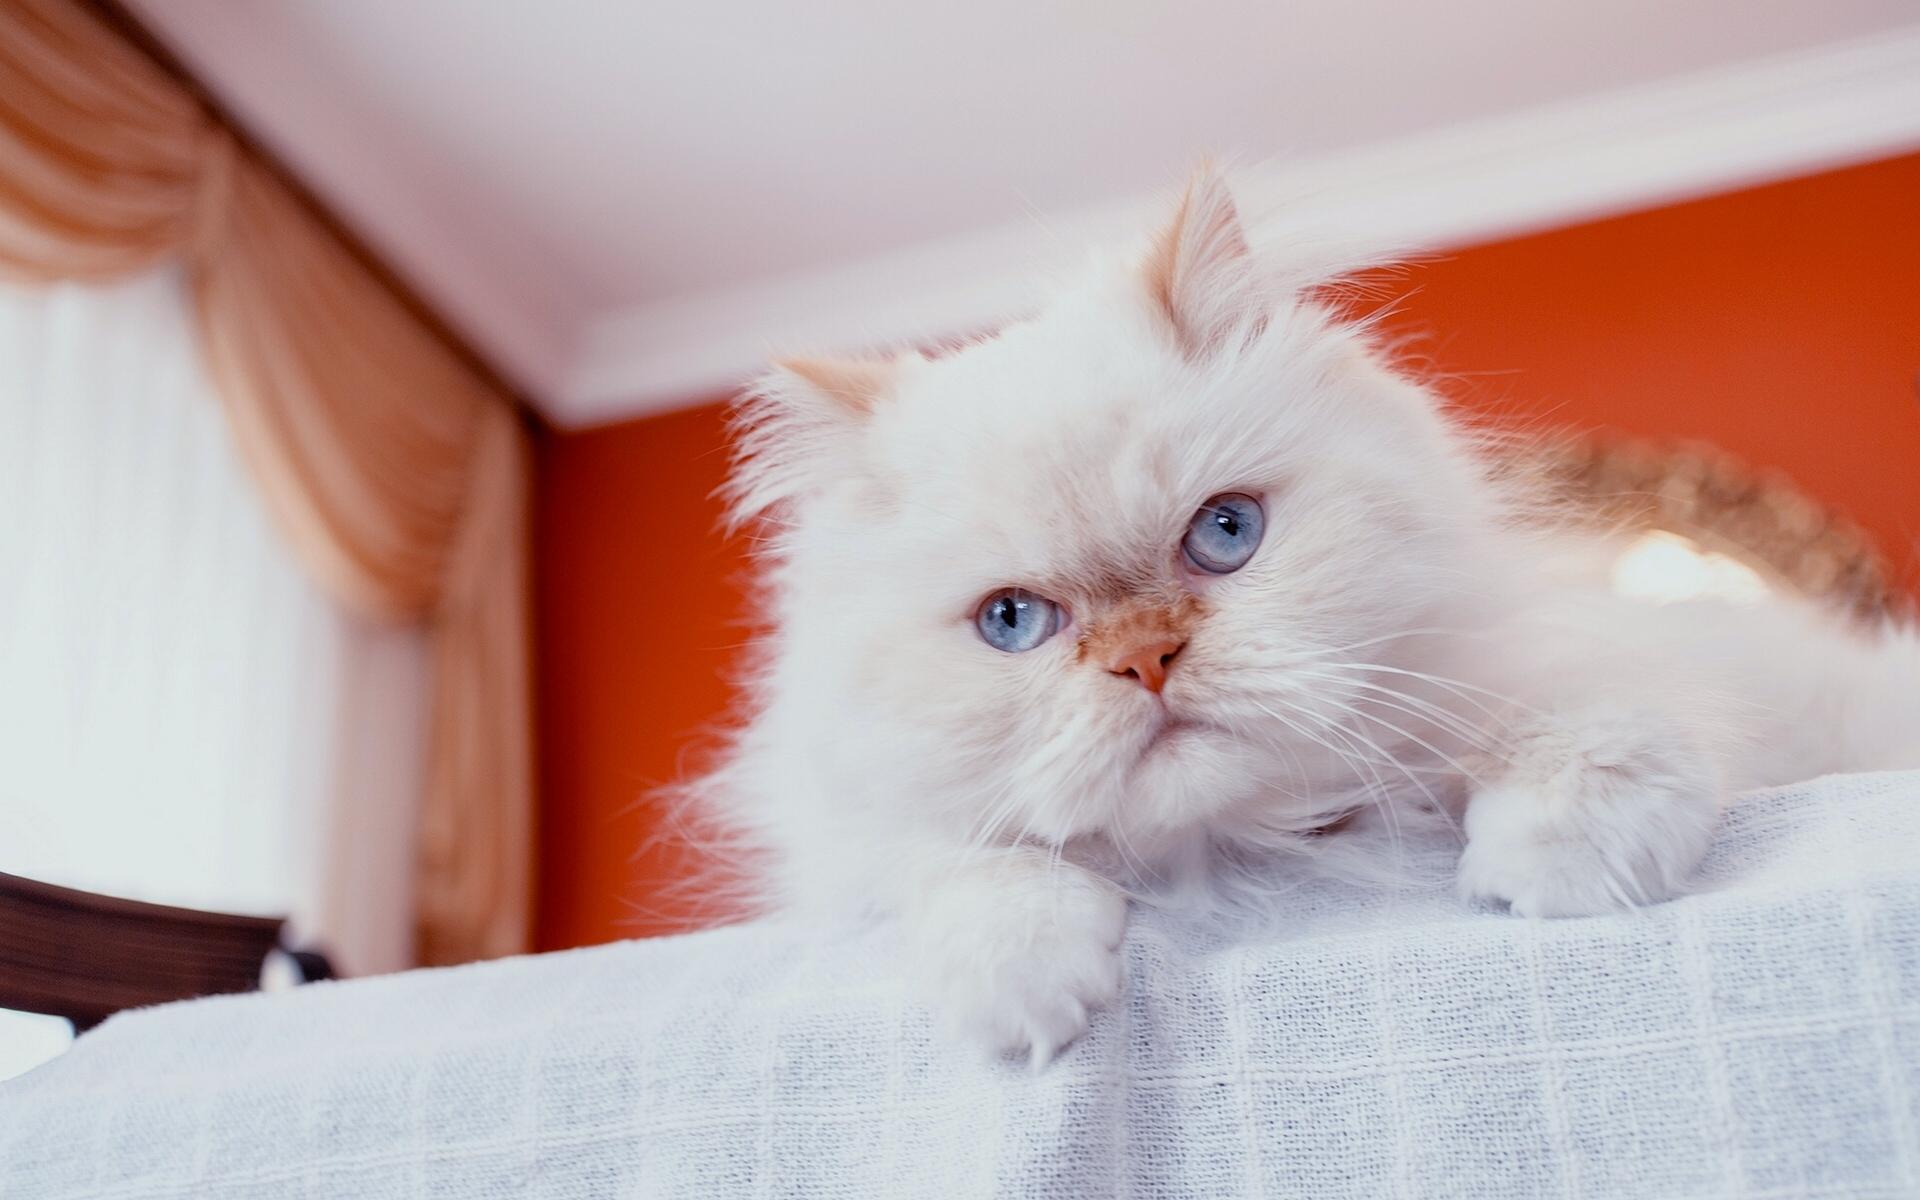 обои кошки для рабочего стола персы № 623732  скачать